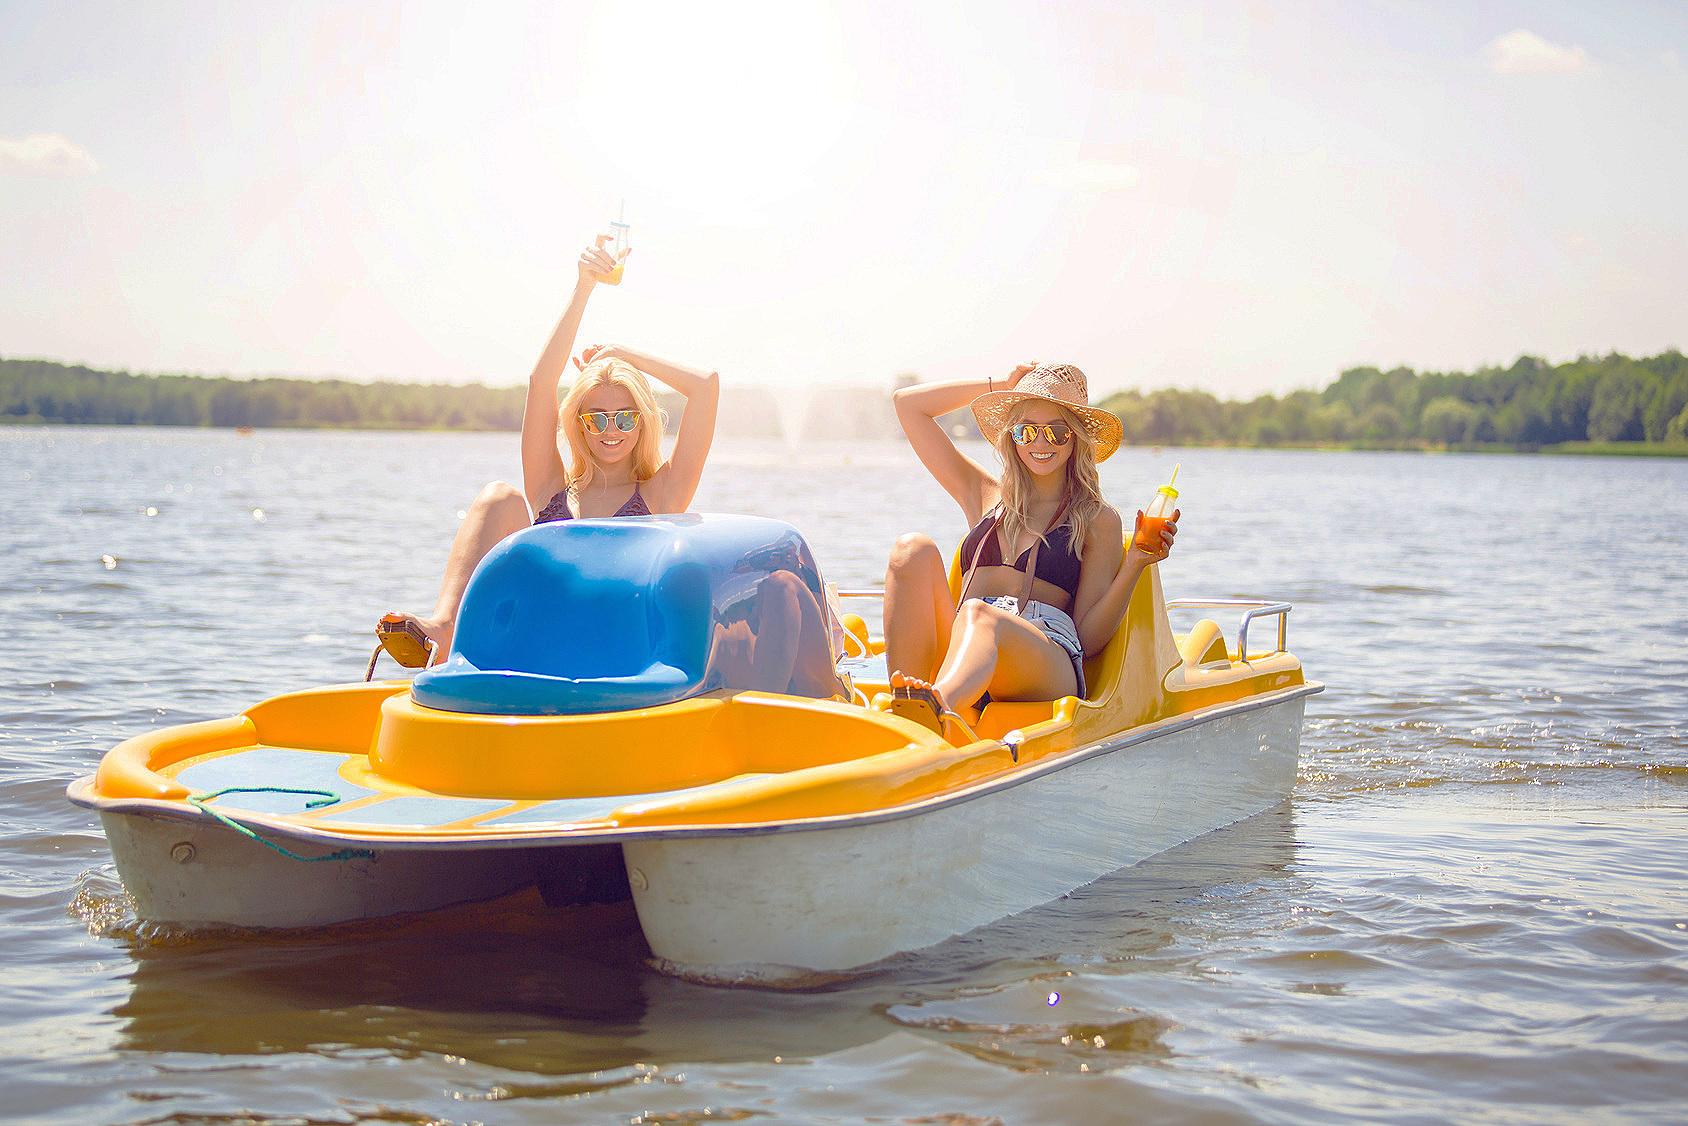 Öffnungszeiten Bootsverleih - Die Vermietung erfolgt:Montag bis Freitag ab 13:00 UhrSamstag, Sonntag, Feiertag ab 10:00 UhrBis 1 Stunde vor SonnenuntergangMittwoch RuhetagWährend der Schulferien in NRW haben wir täglich von 12.00 - 22.00 Uhr geöffnet.